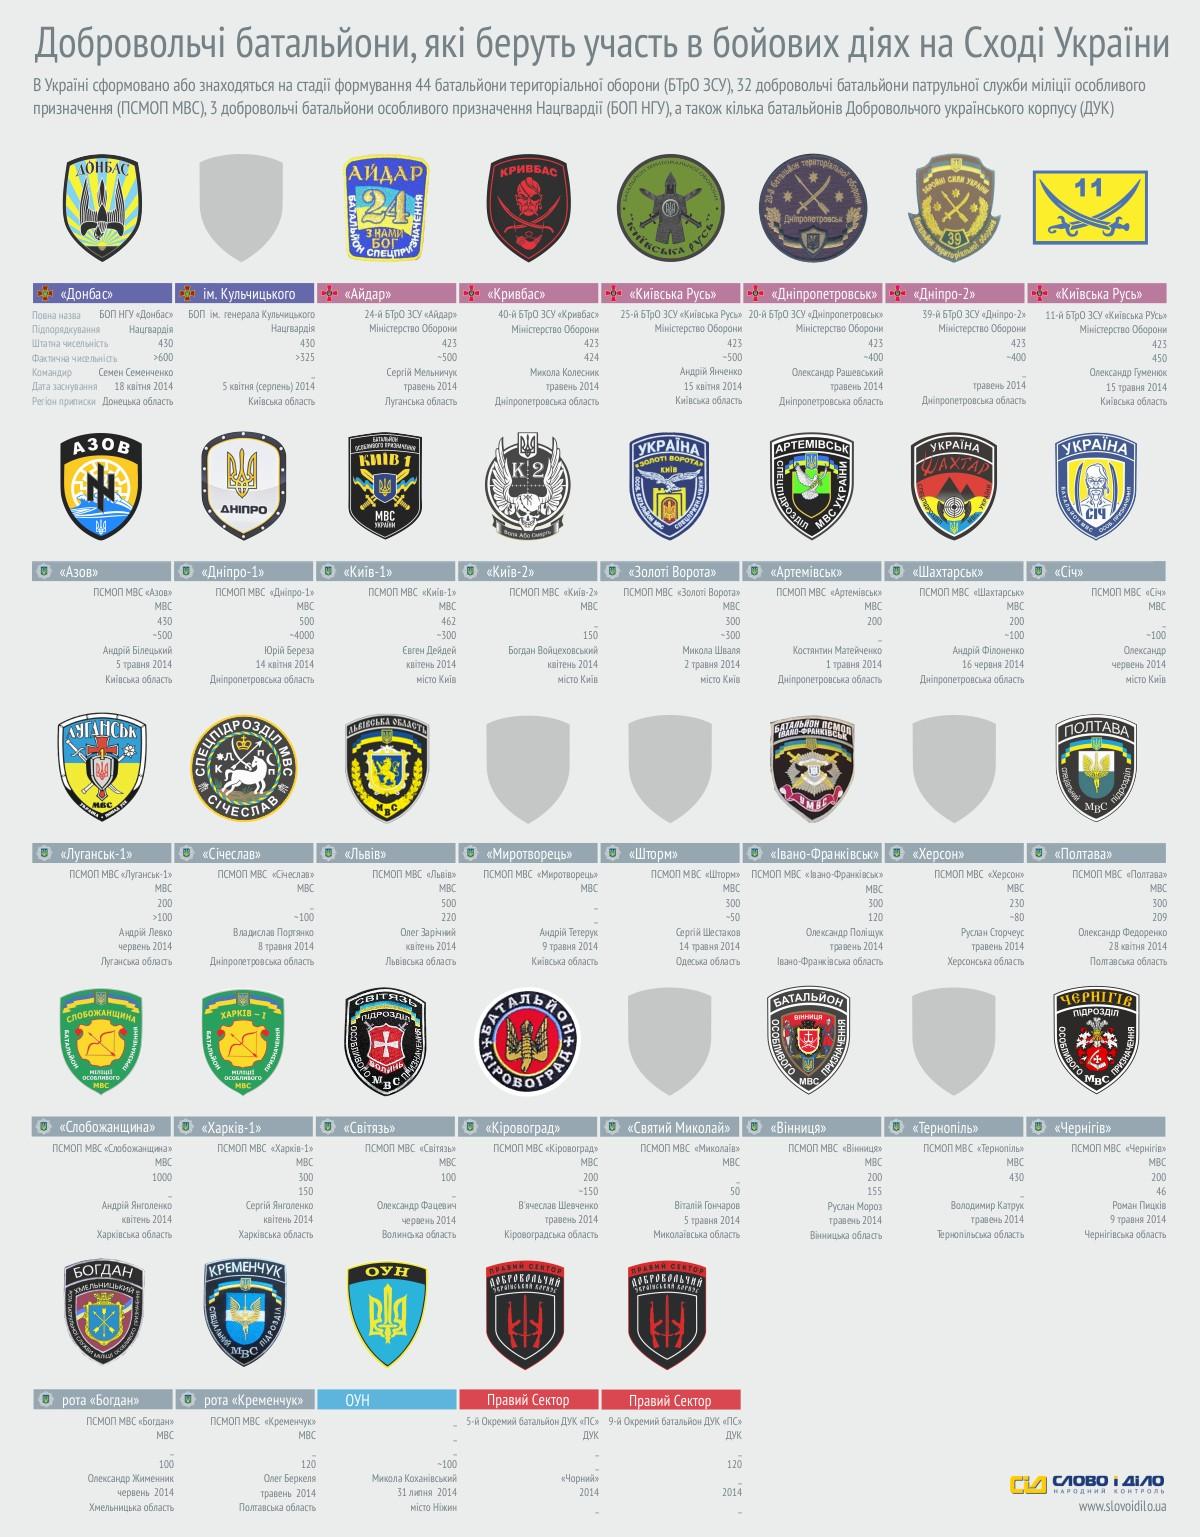 37 батальонов участвуют в АТО: инфографика